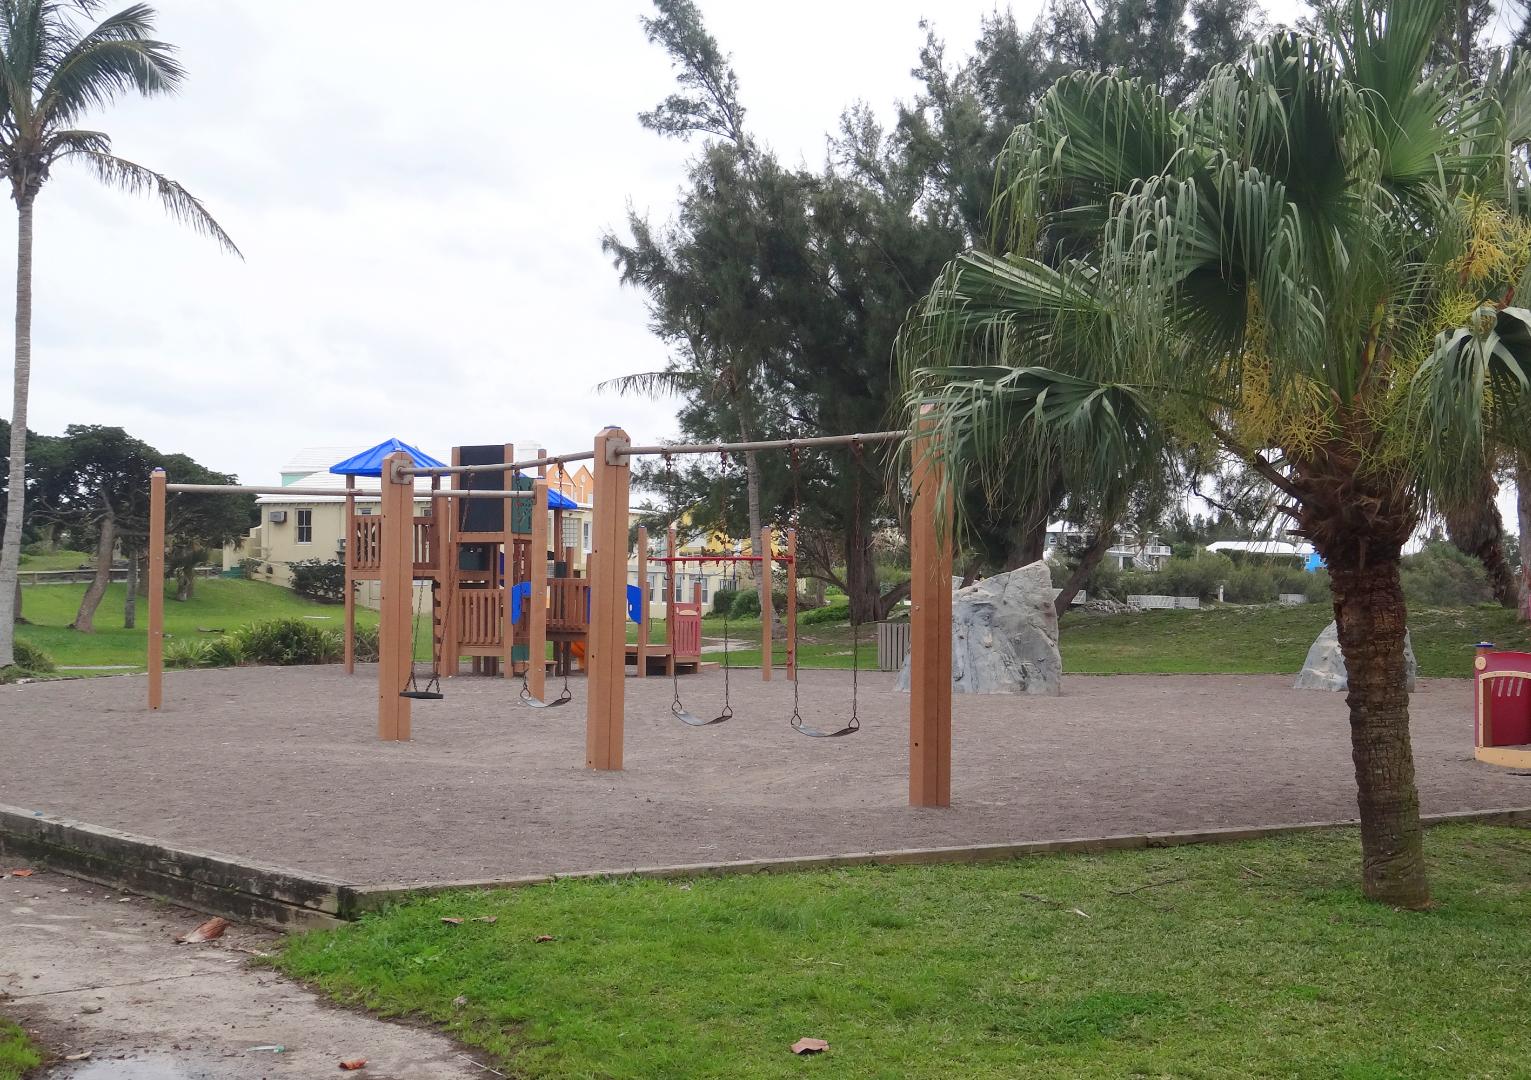 Shelly Bay Playground